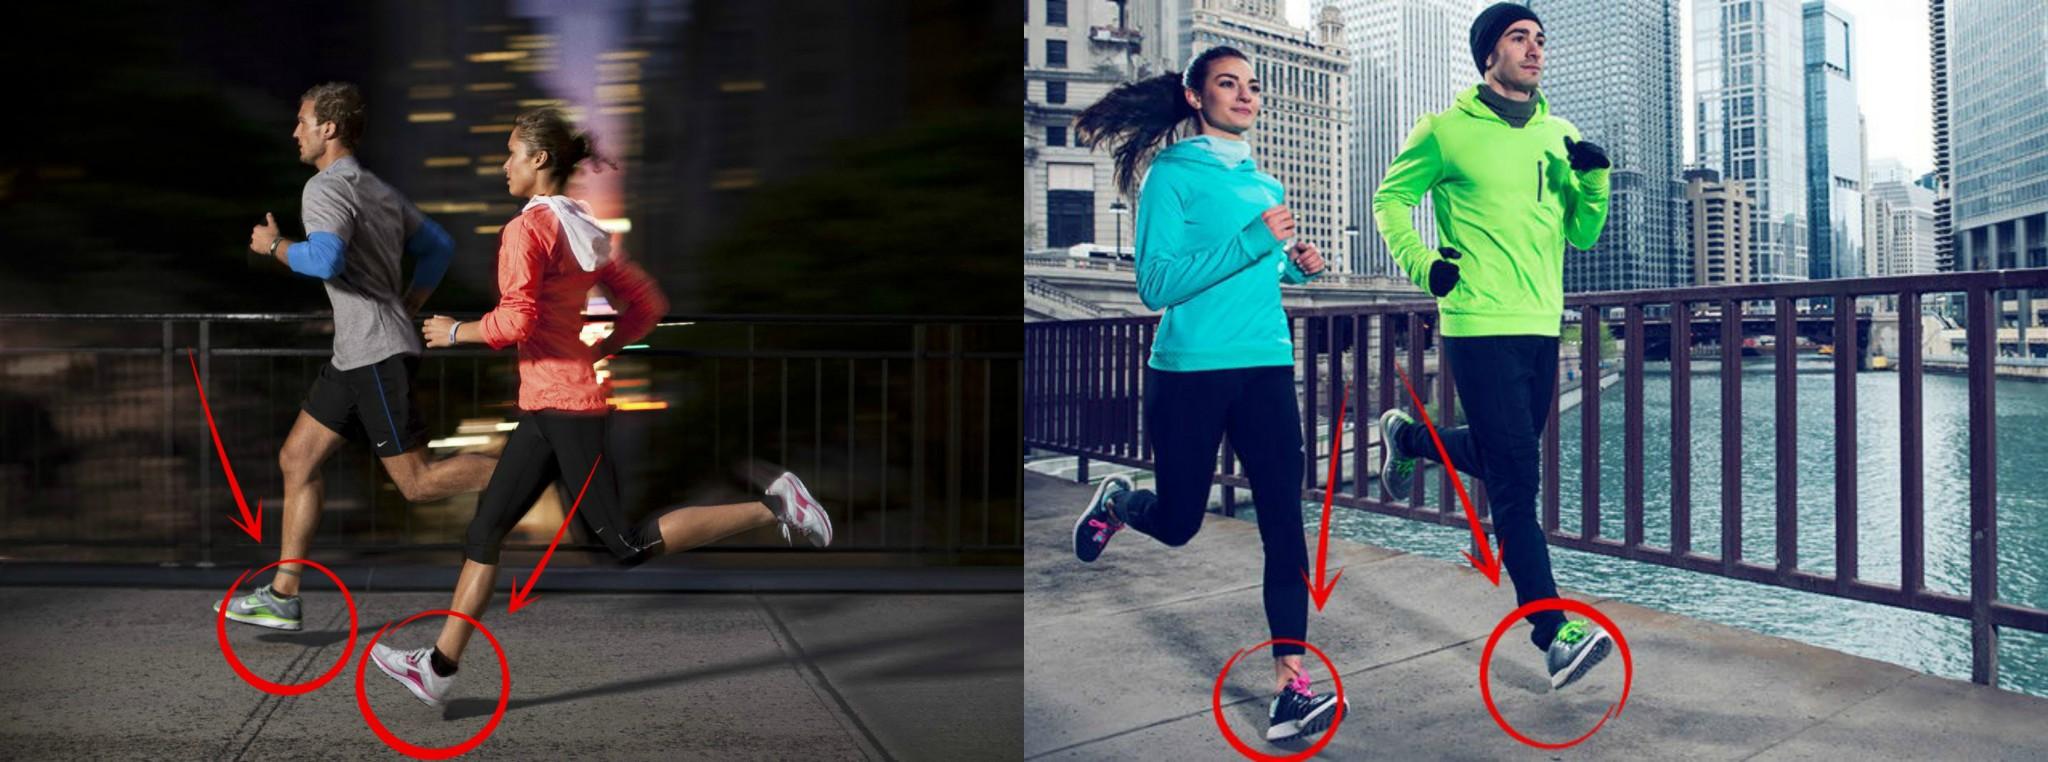 1b89054cdfed0 publicité Nike talon. Si l on réapprenait enfin à courir correctement ...